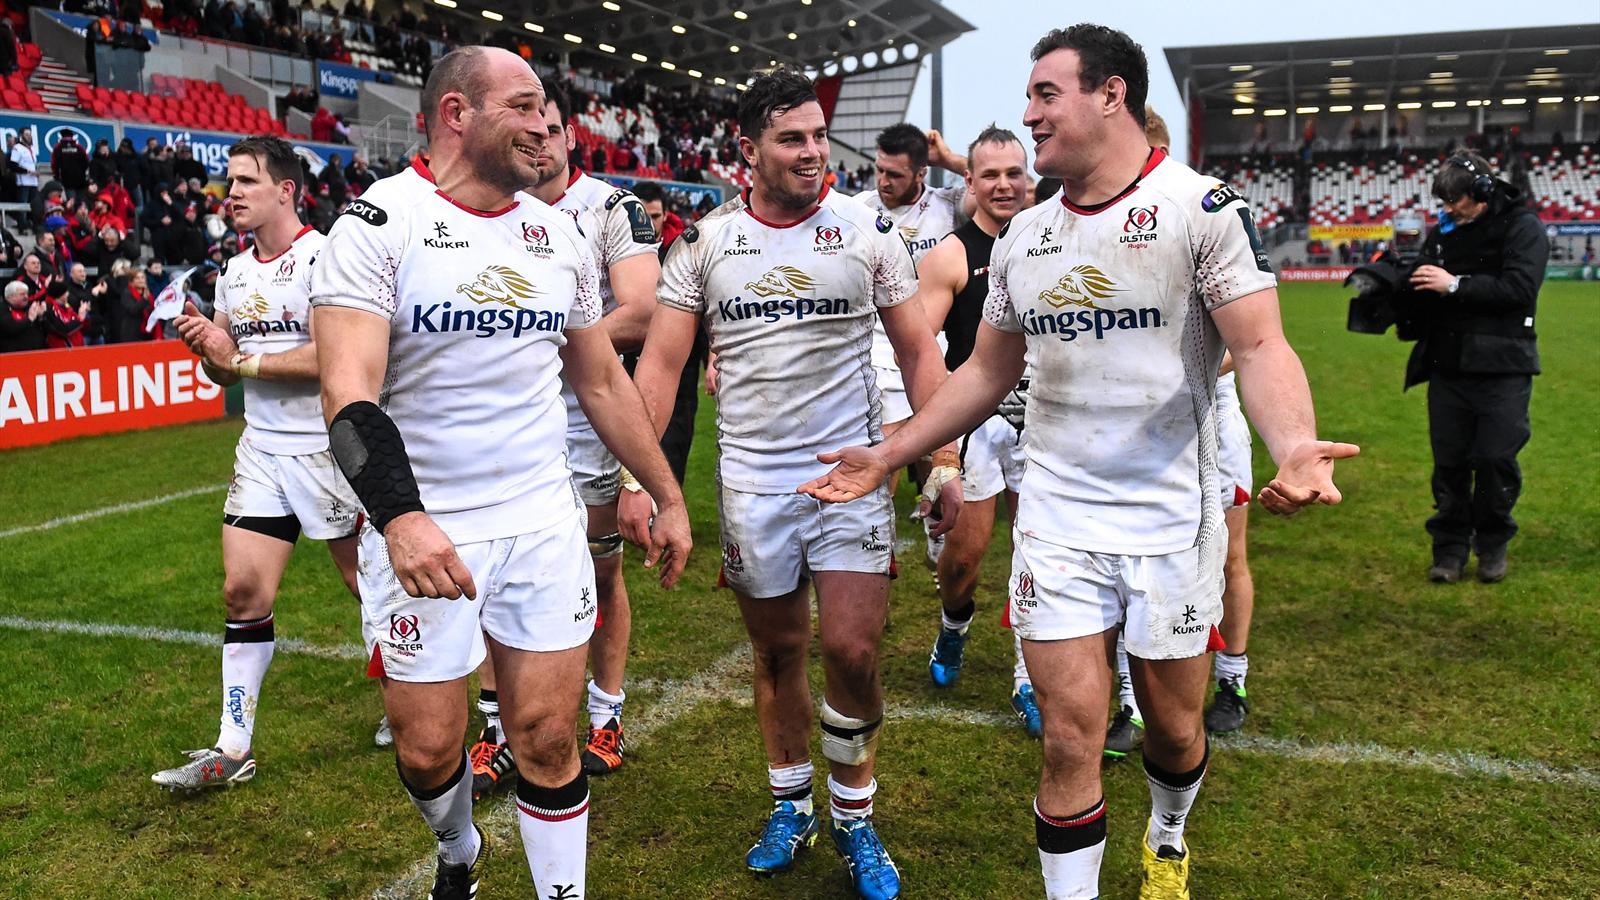 La joie des joueurs de l'Ulster, vainqueurs d'Oyonnax - 23 janvier 2016